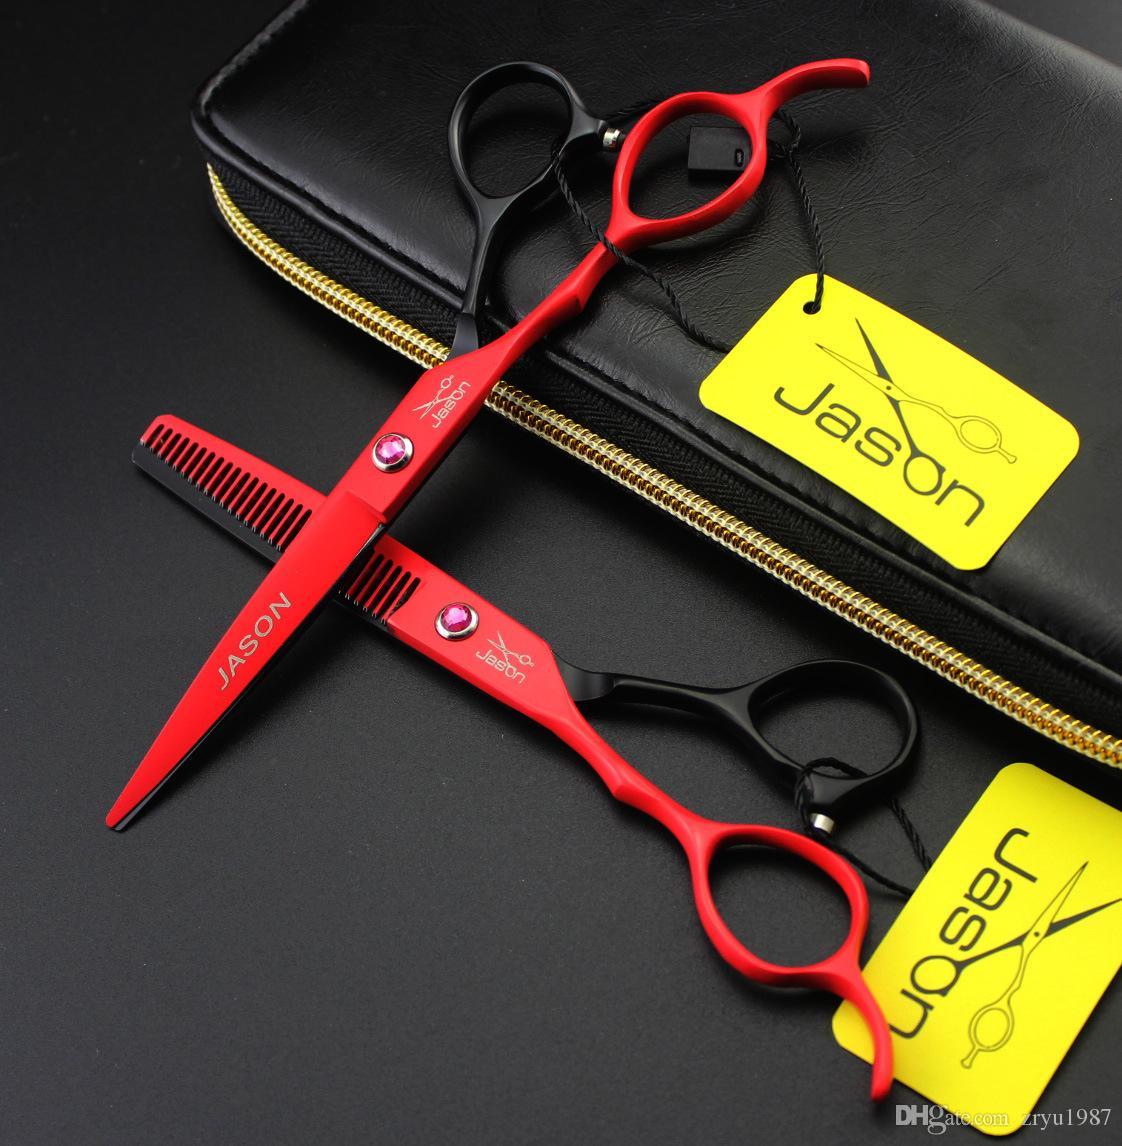 Tijeras de peluquería de 6 pulgadas Mango izquierdo Japón Tijeras de corte de corte profesional de acero inoxidable Tijeras de peluquero negro